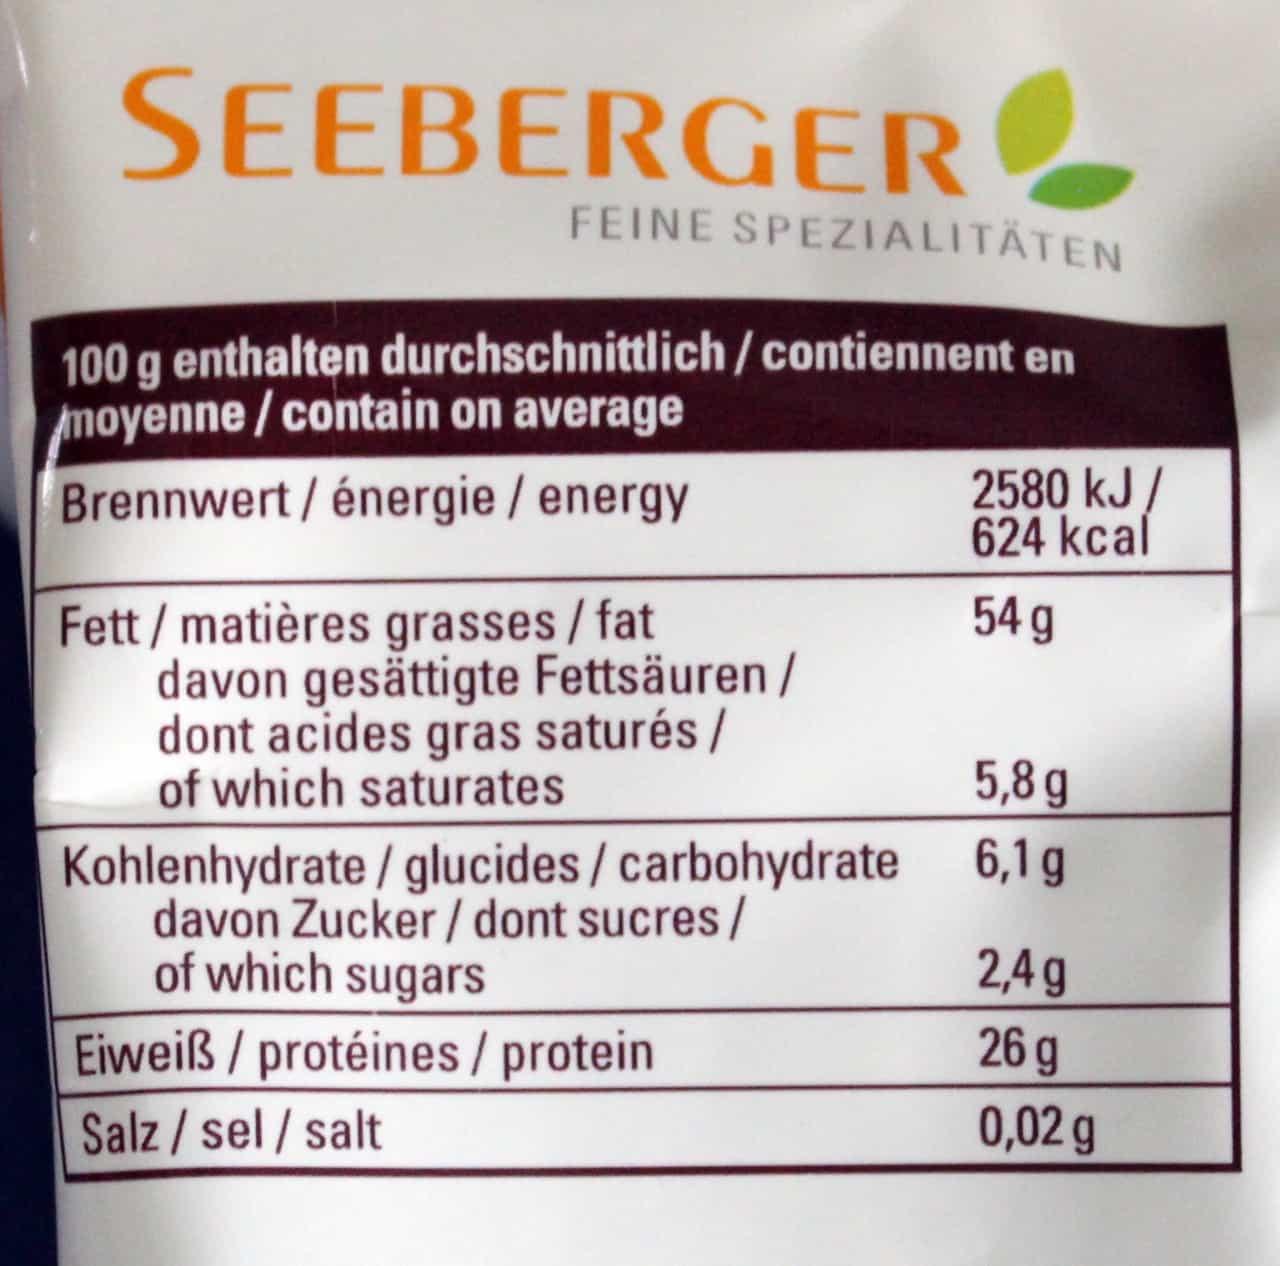 Nährwerte der Seeberger Sonnenblumenkerne - Gesund?